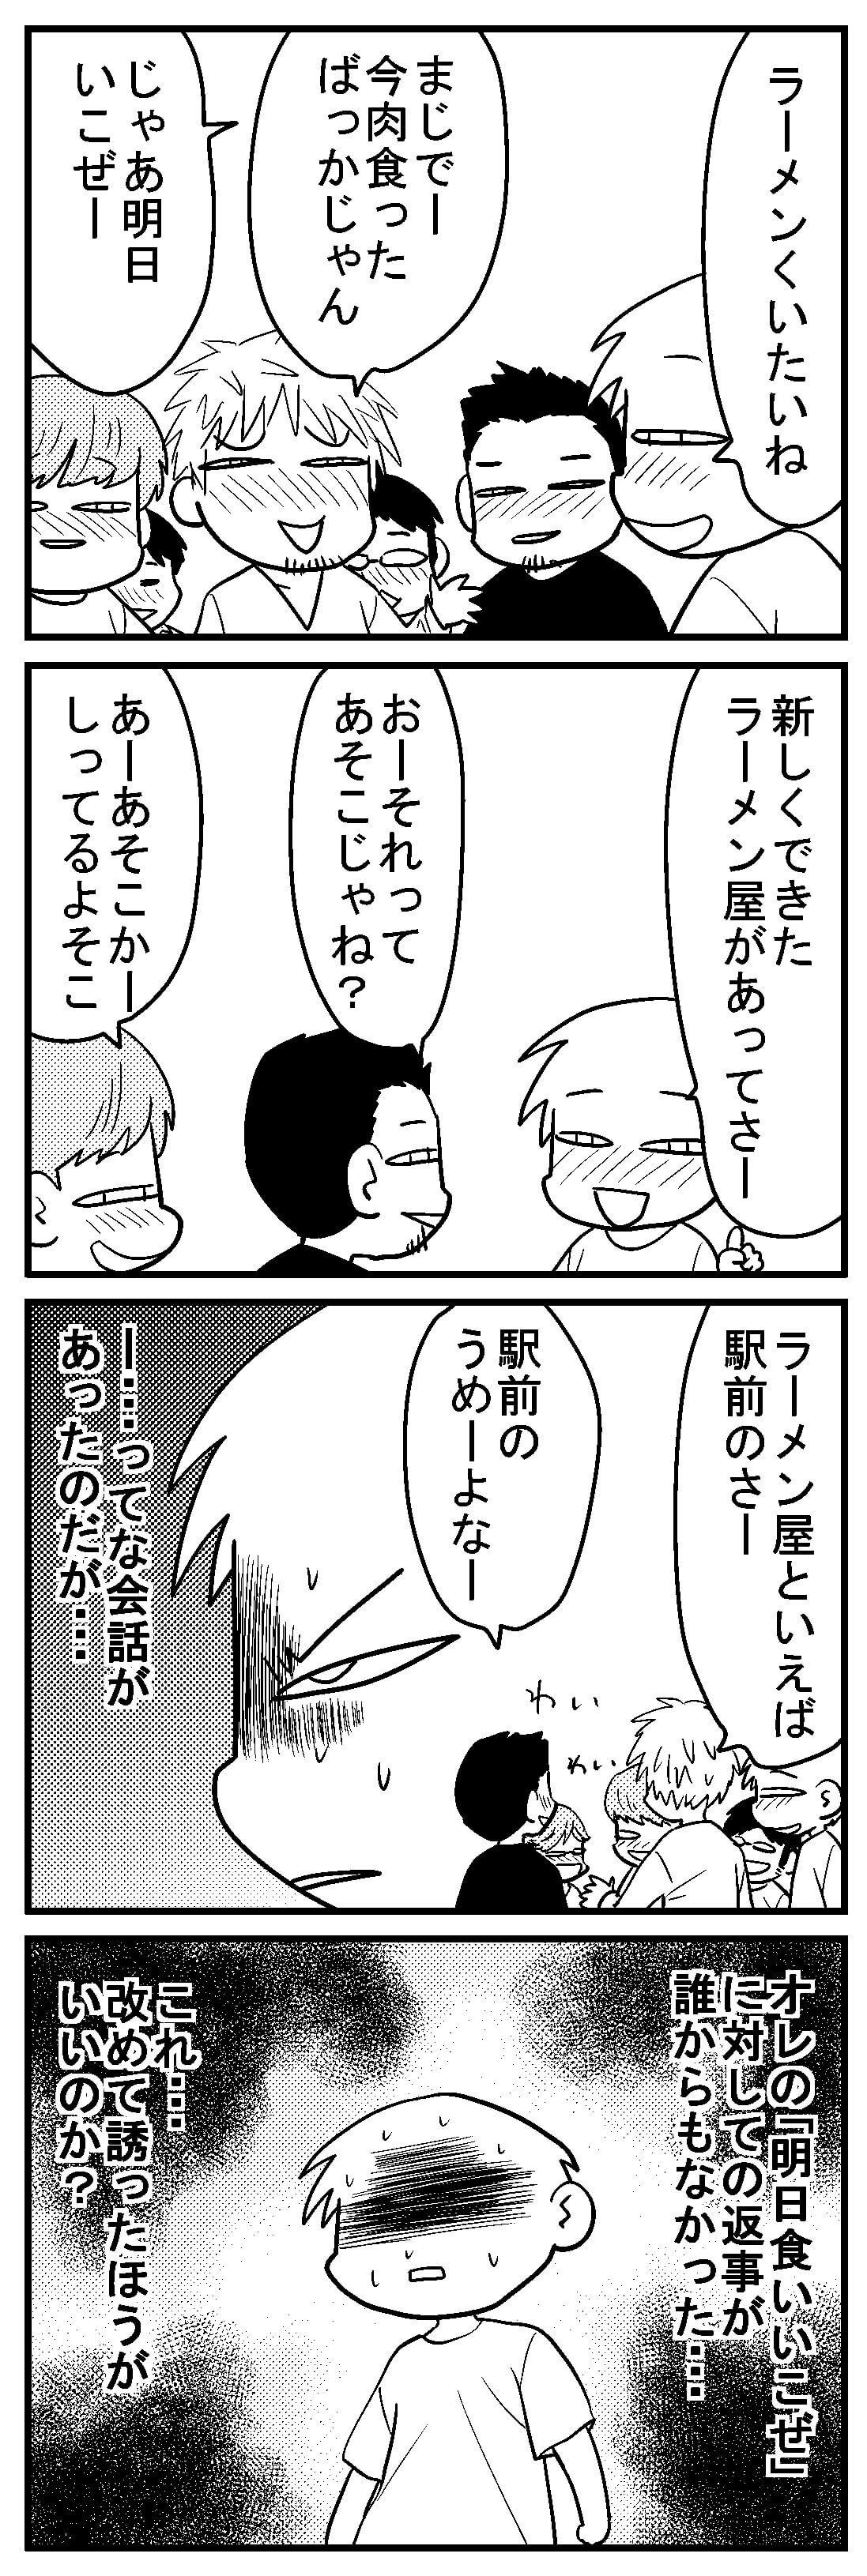 深読みくん22 1-2